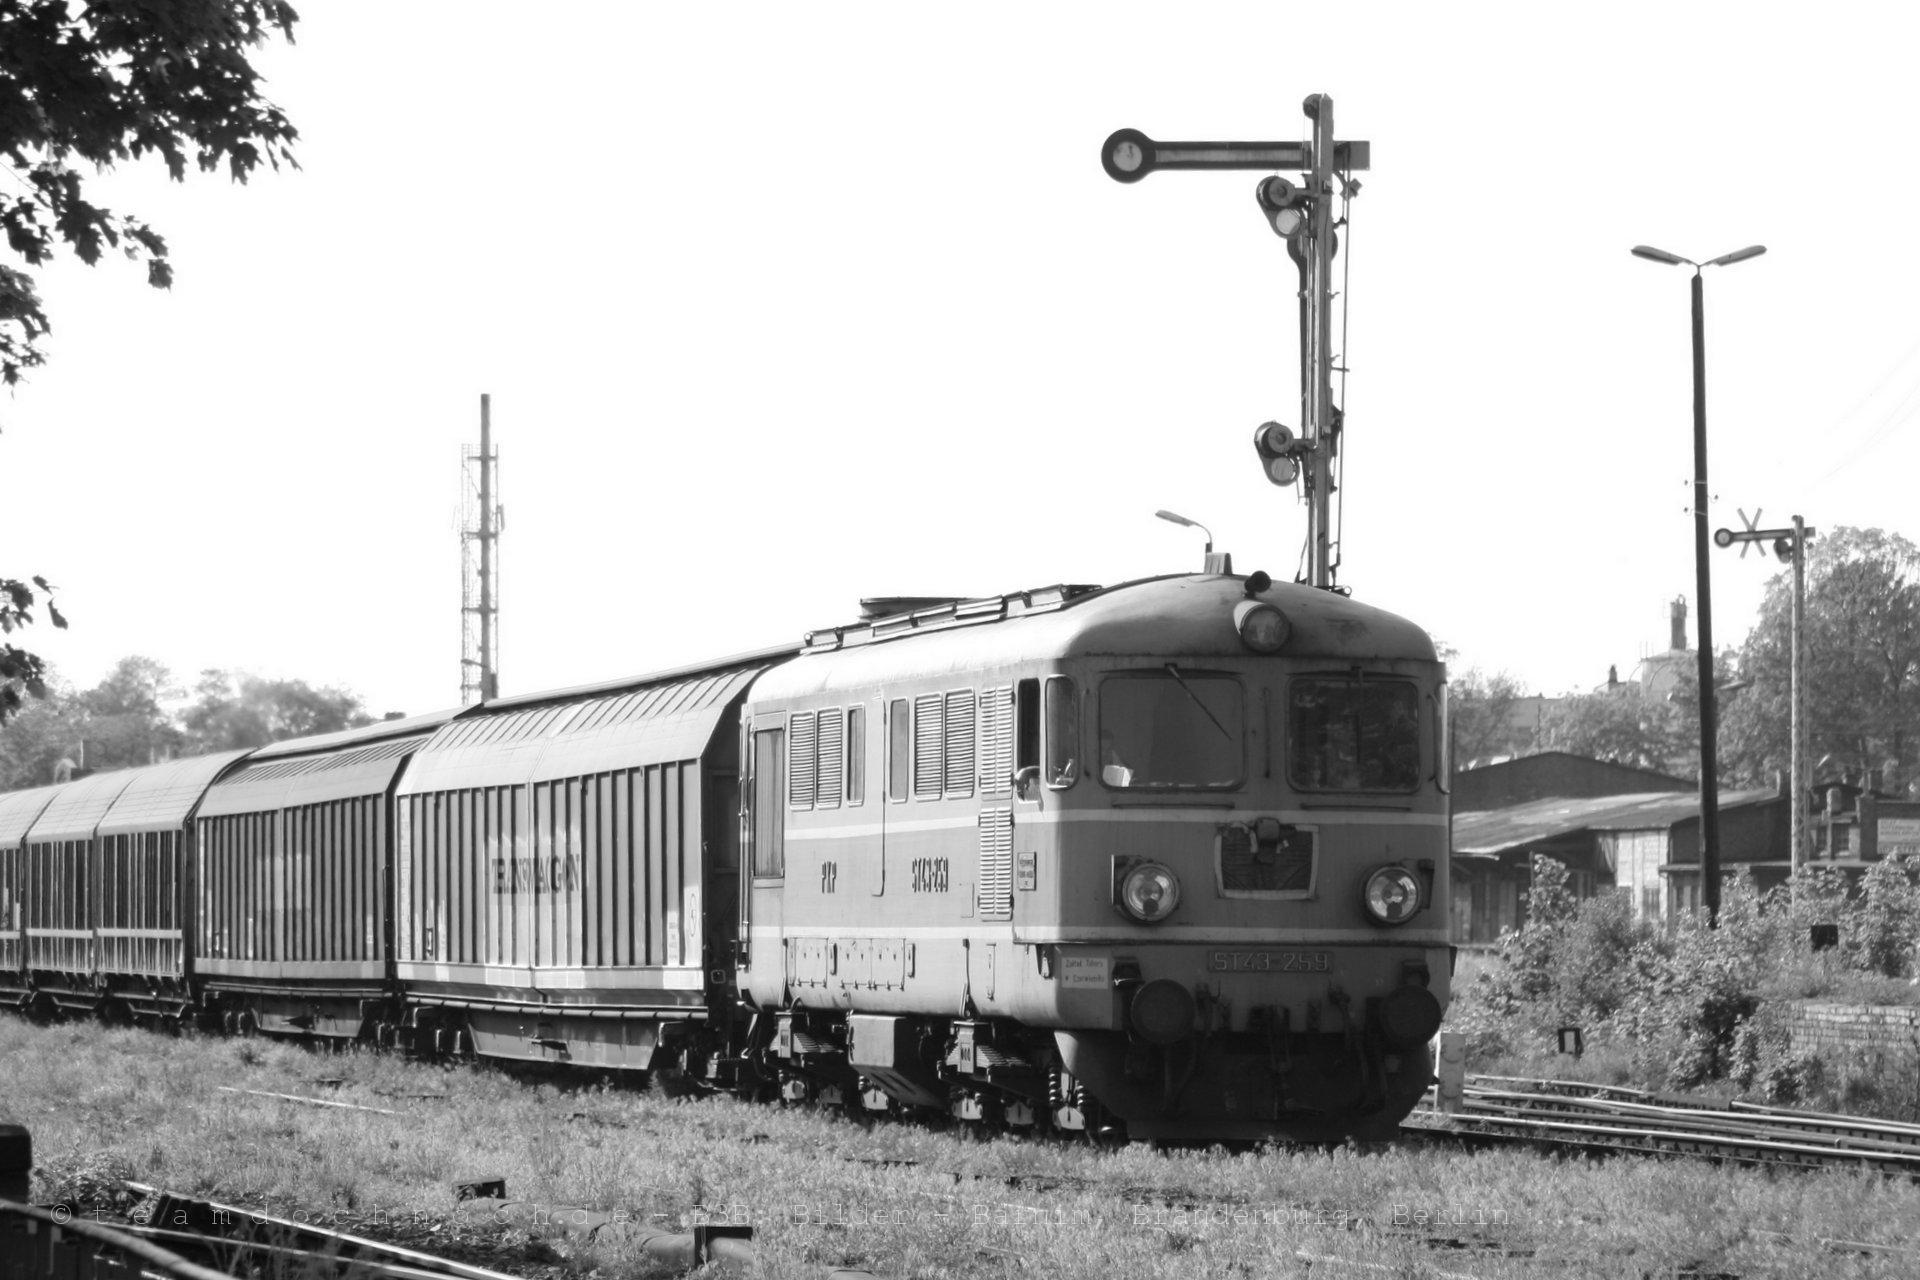 ST43-259 mit einem Güterzug auf dem Weg nach Osten